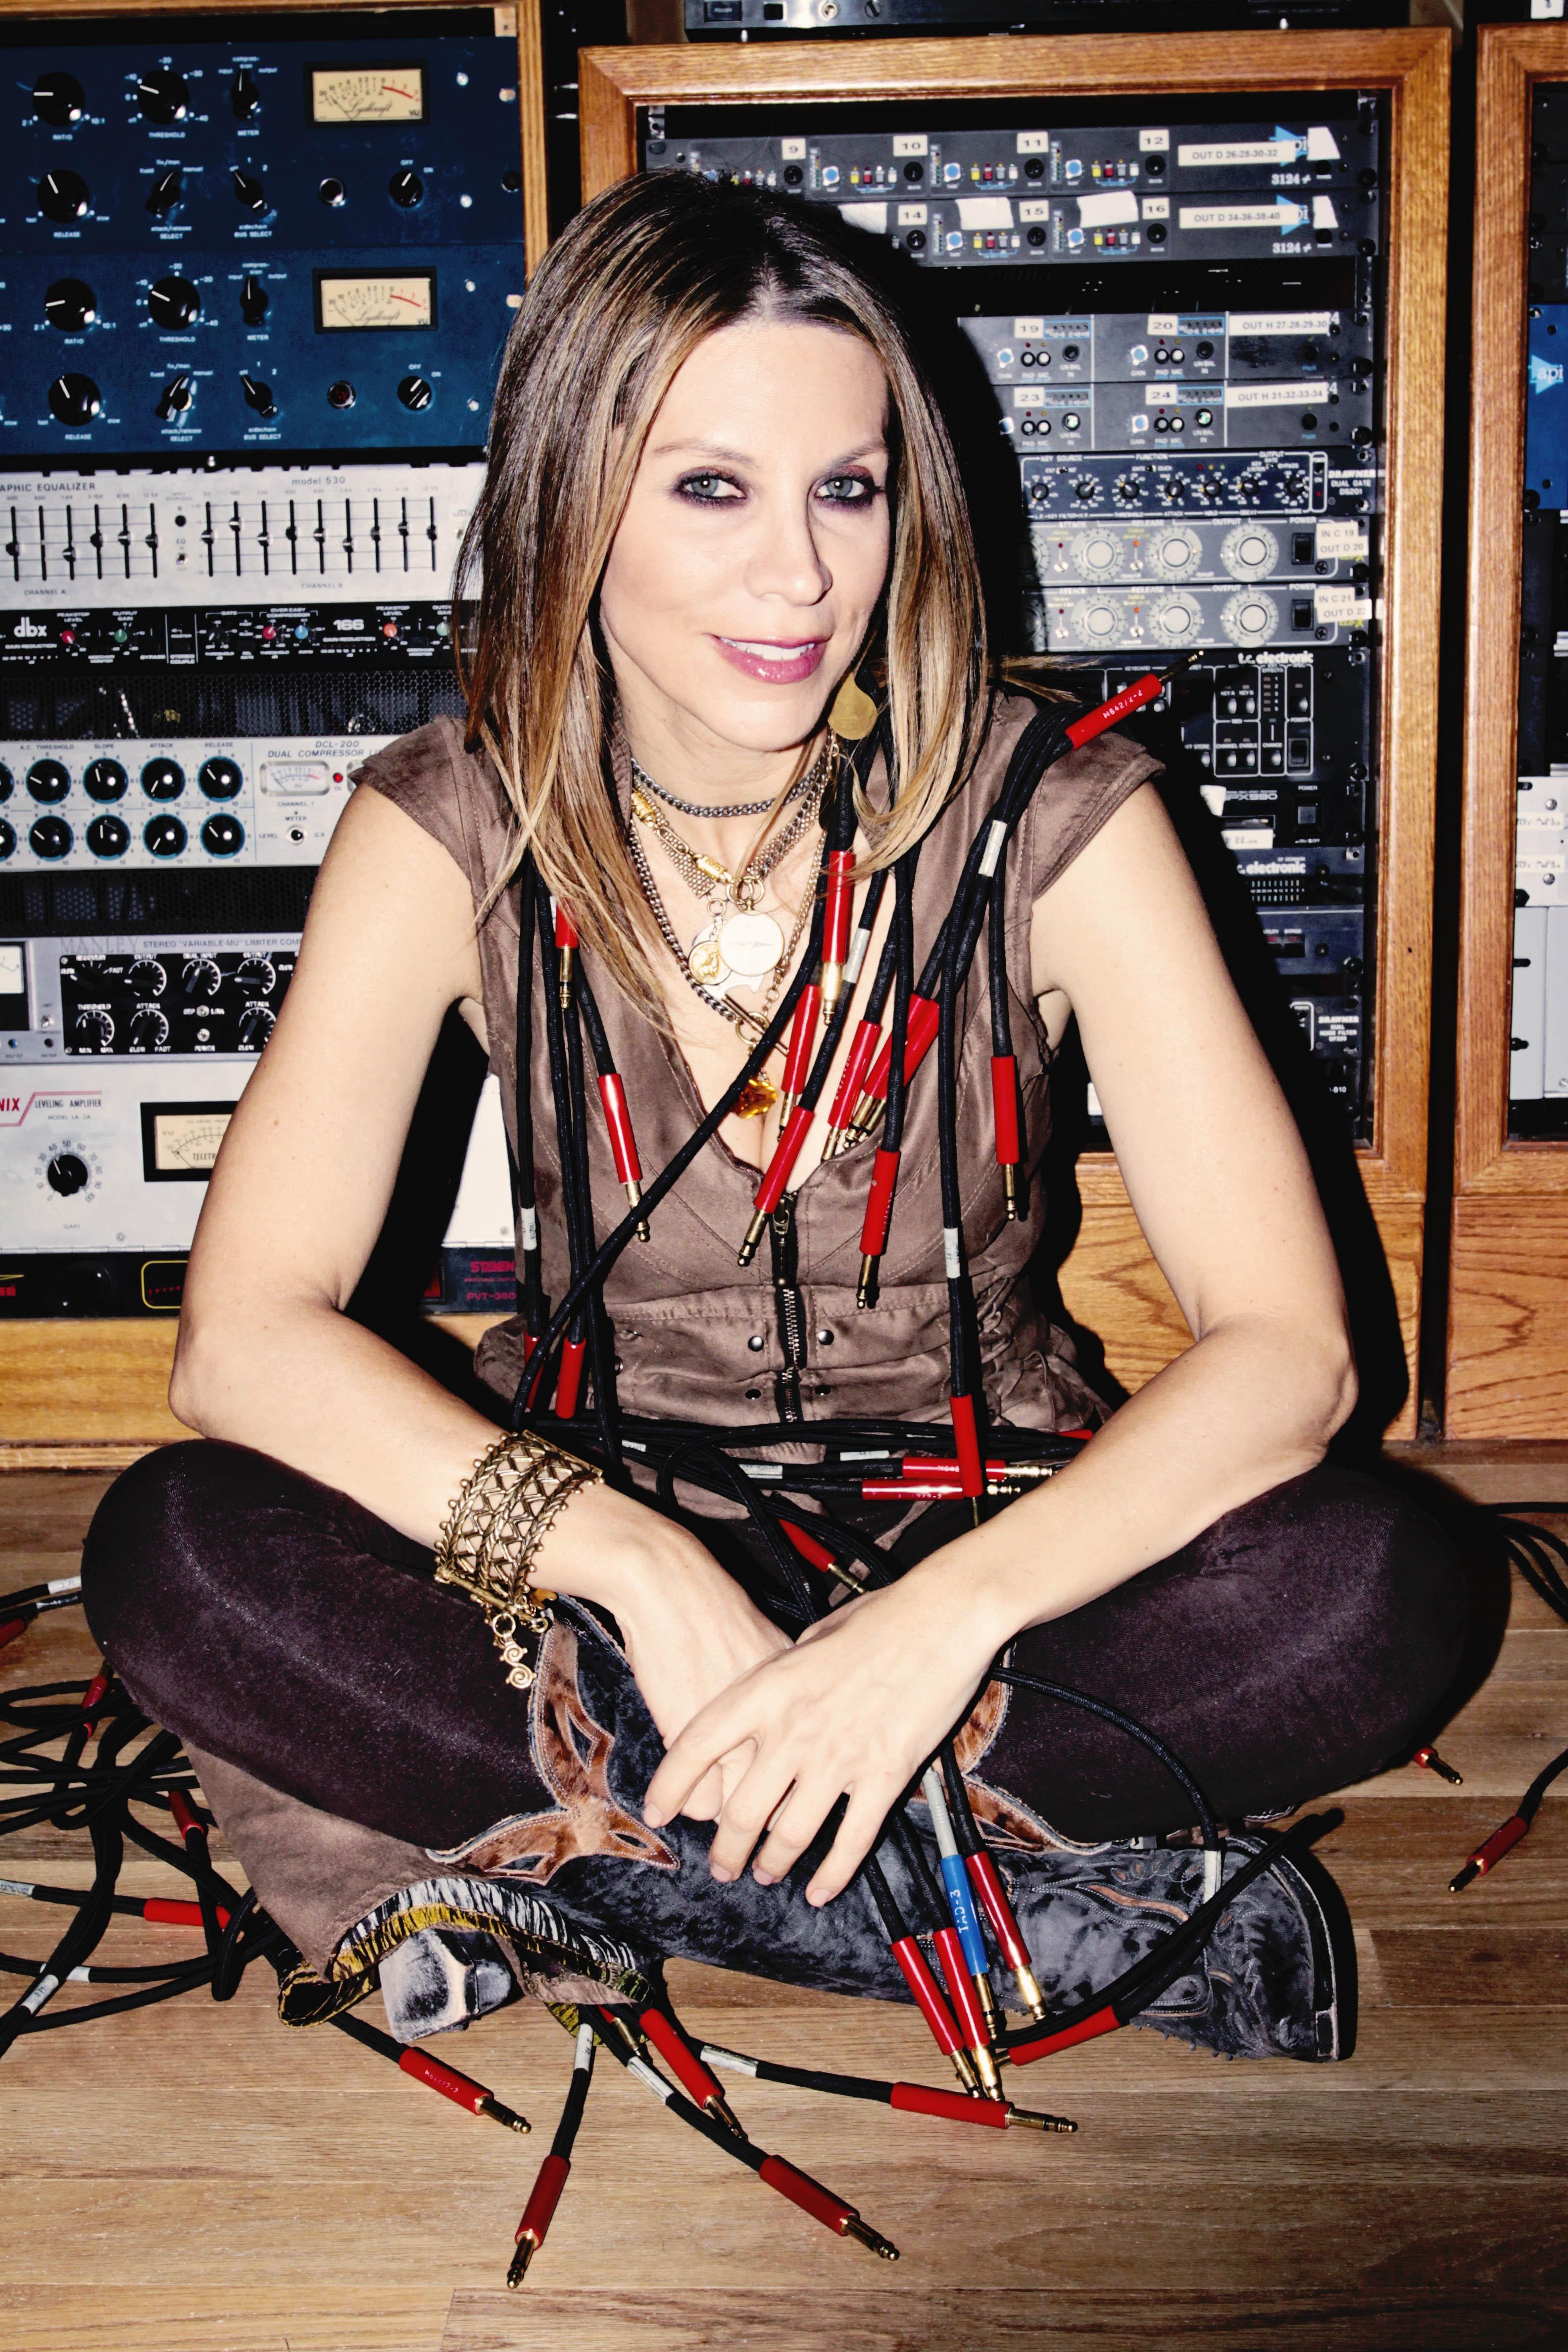 Nicole Dionne Nude Photos 2